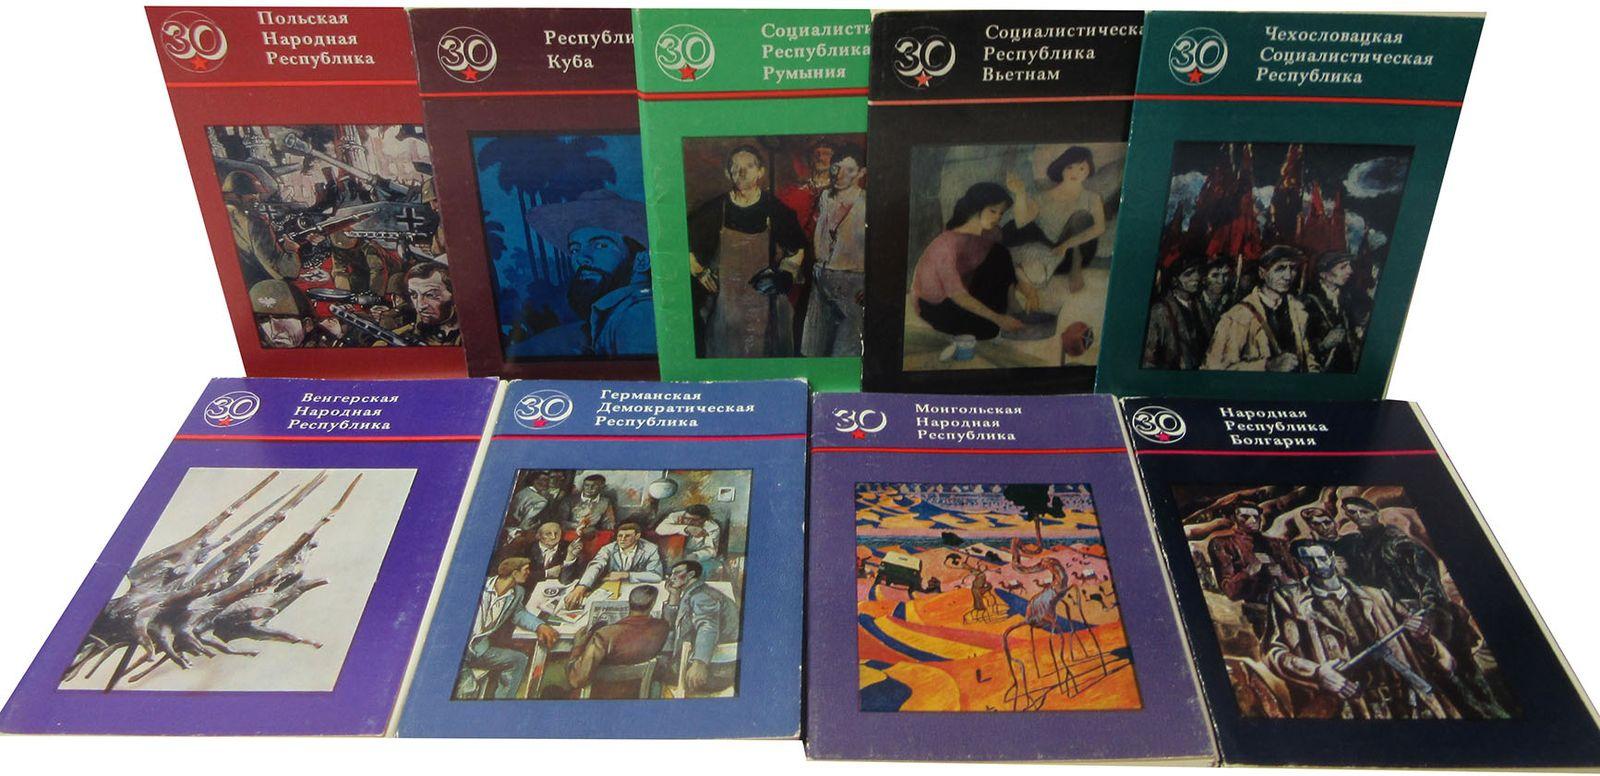 Серия 30 победных лет  (комплект из 9 наборов открыток)